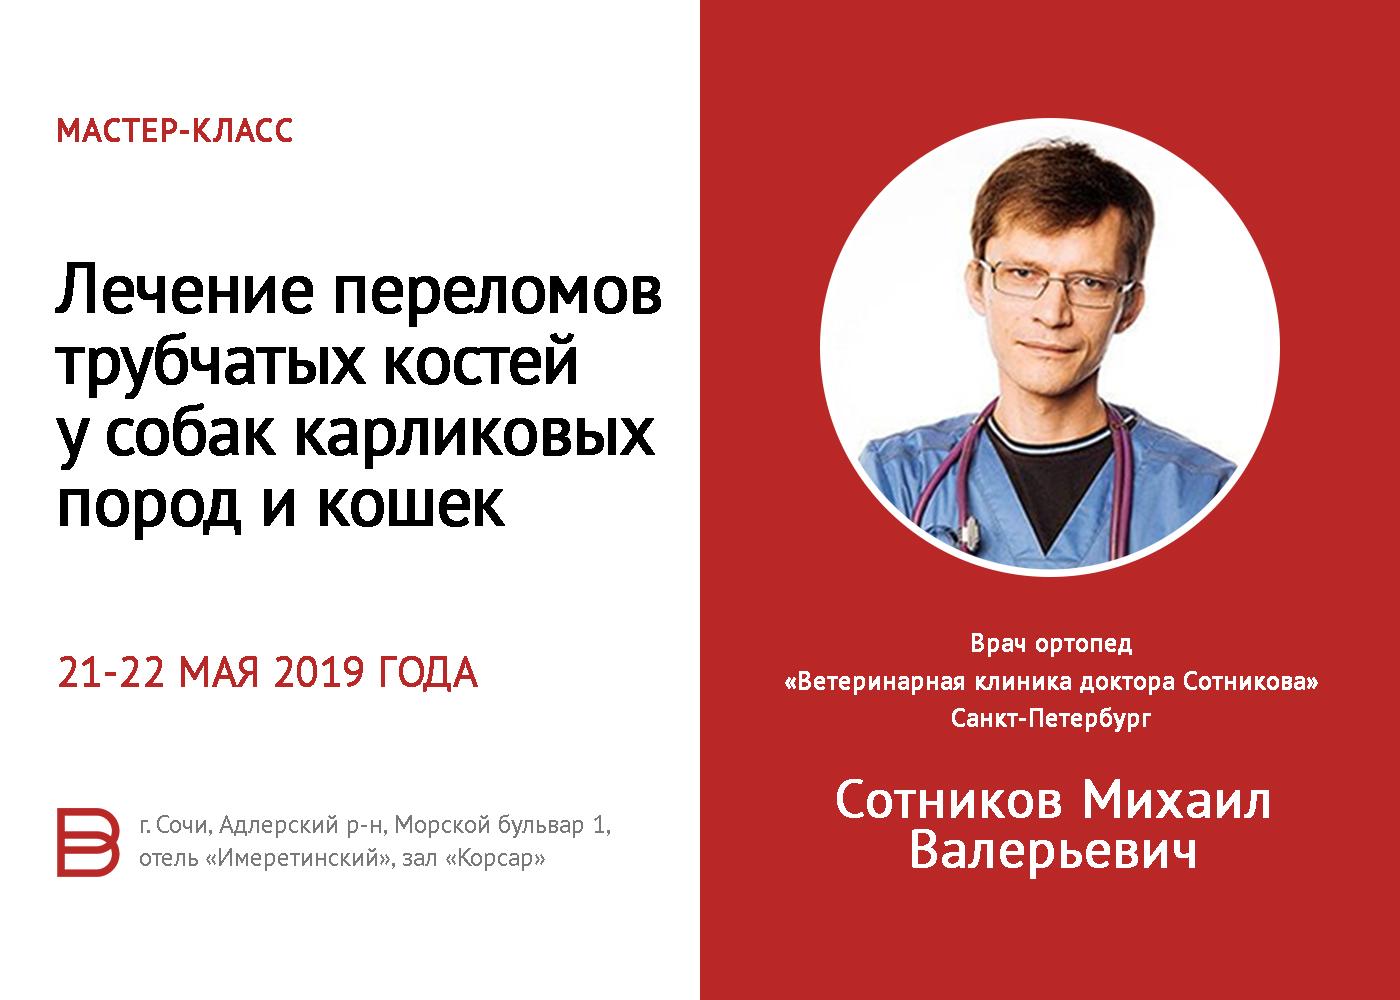 Сотников Михаил Валерьевич